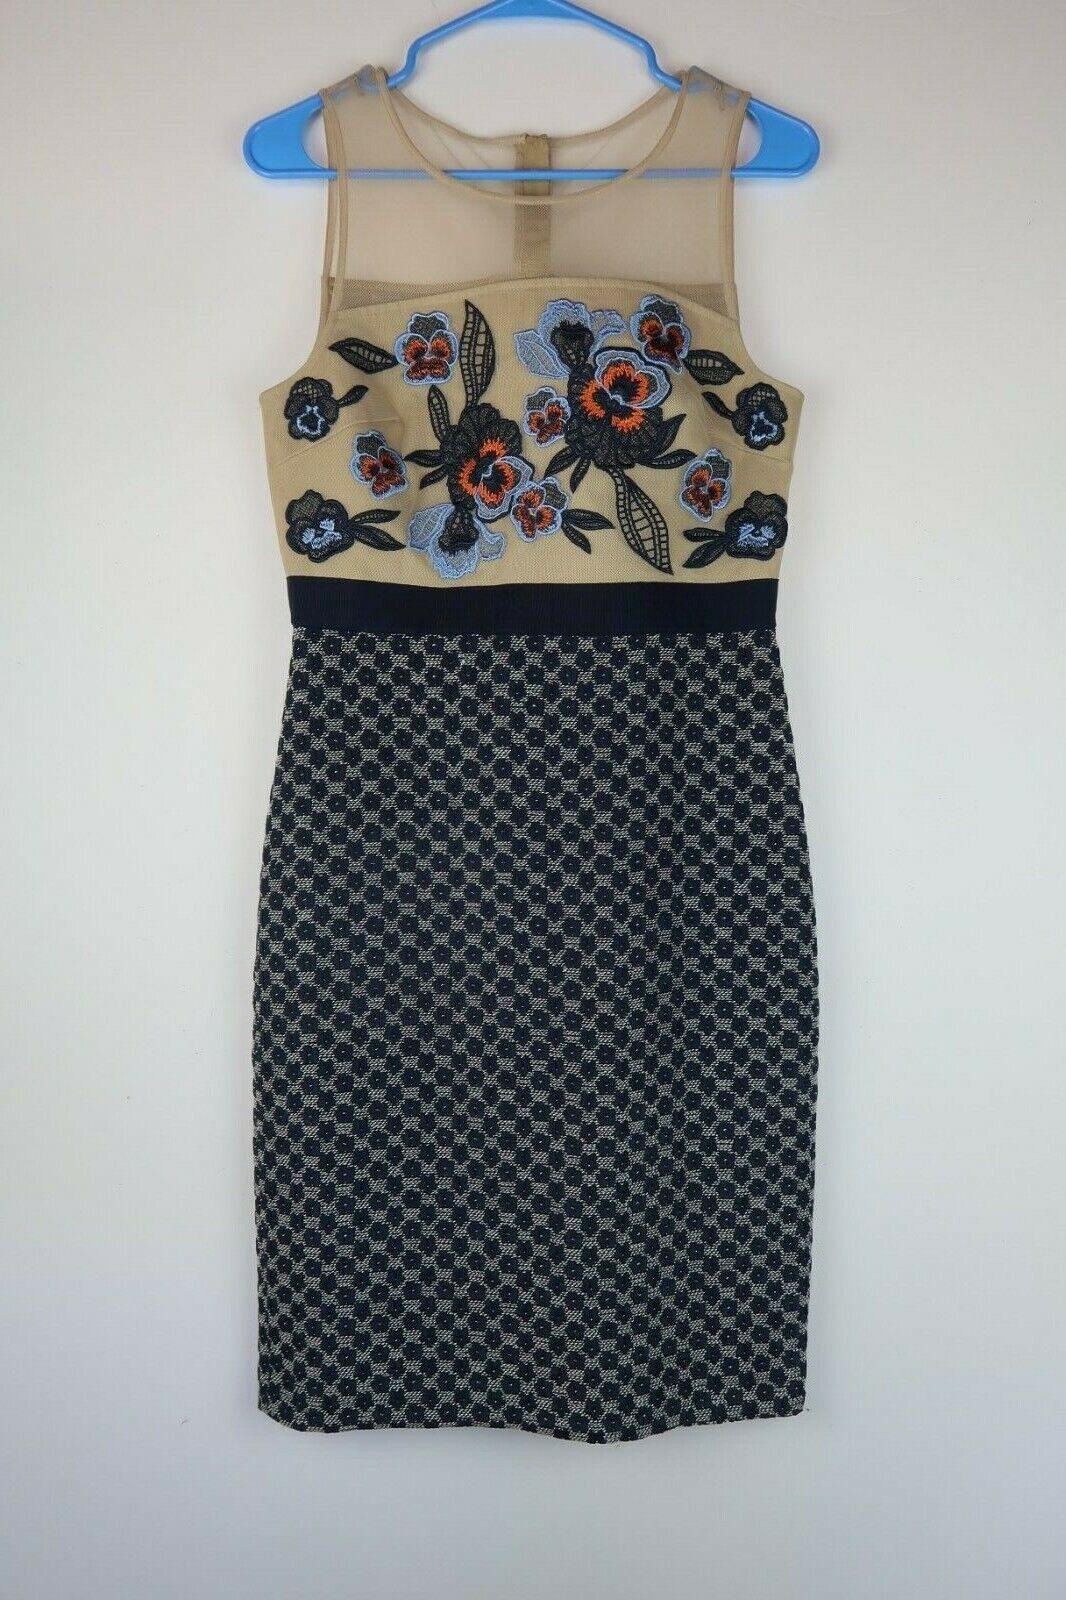 Nuevo con etiquetas anthropologie Moulinette Soeurs multiColor bordado vestido  impreso 6  barato y de alta calidad